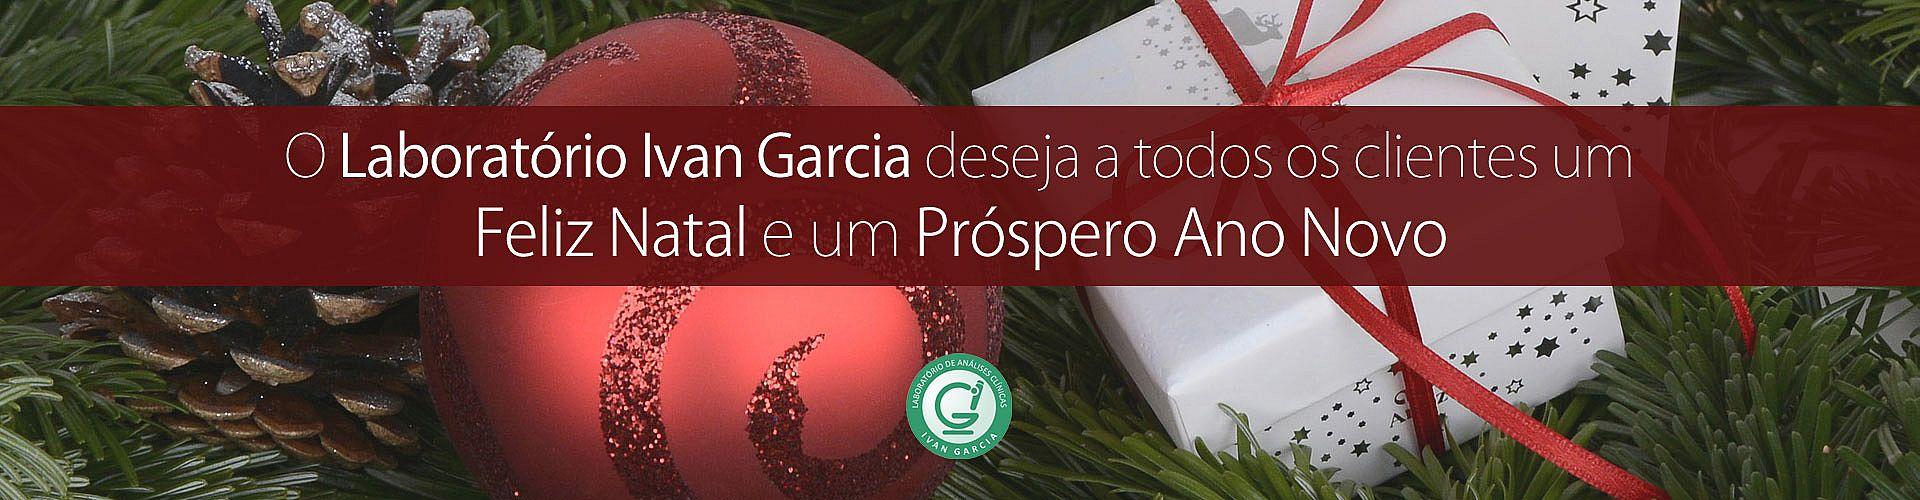 Feliz Natal e um Próspero Ano Novo - 2016